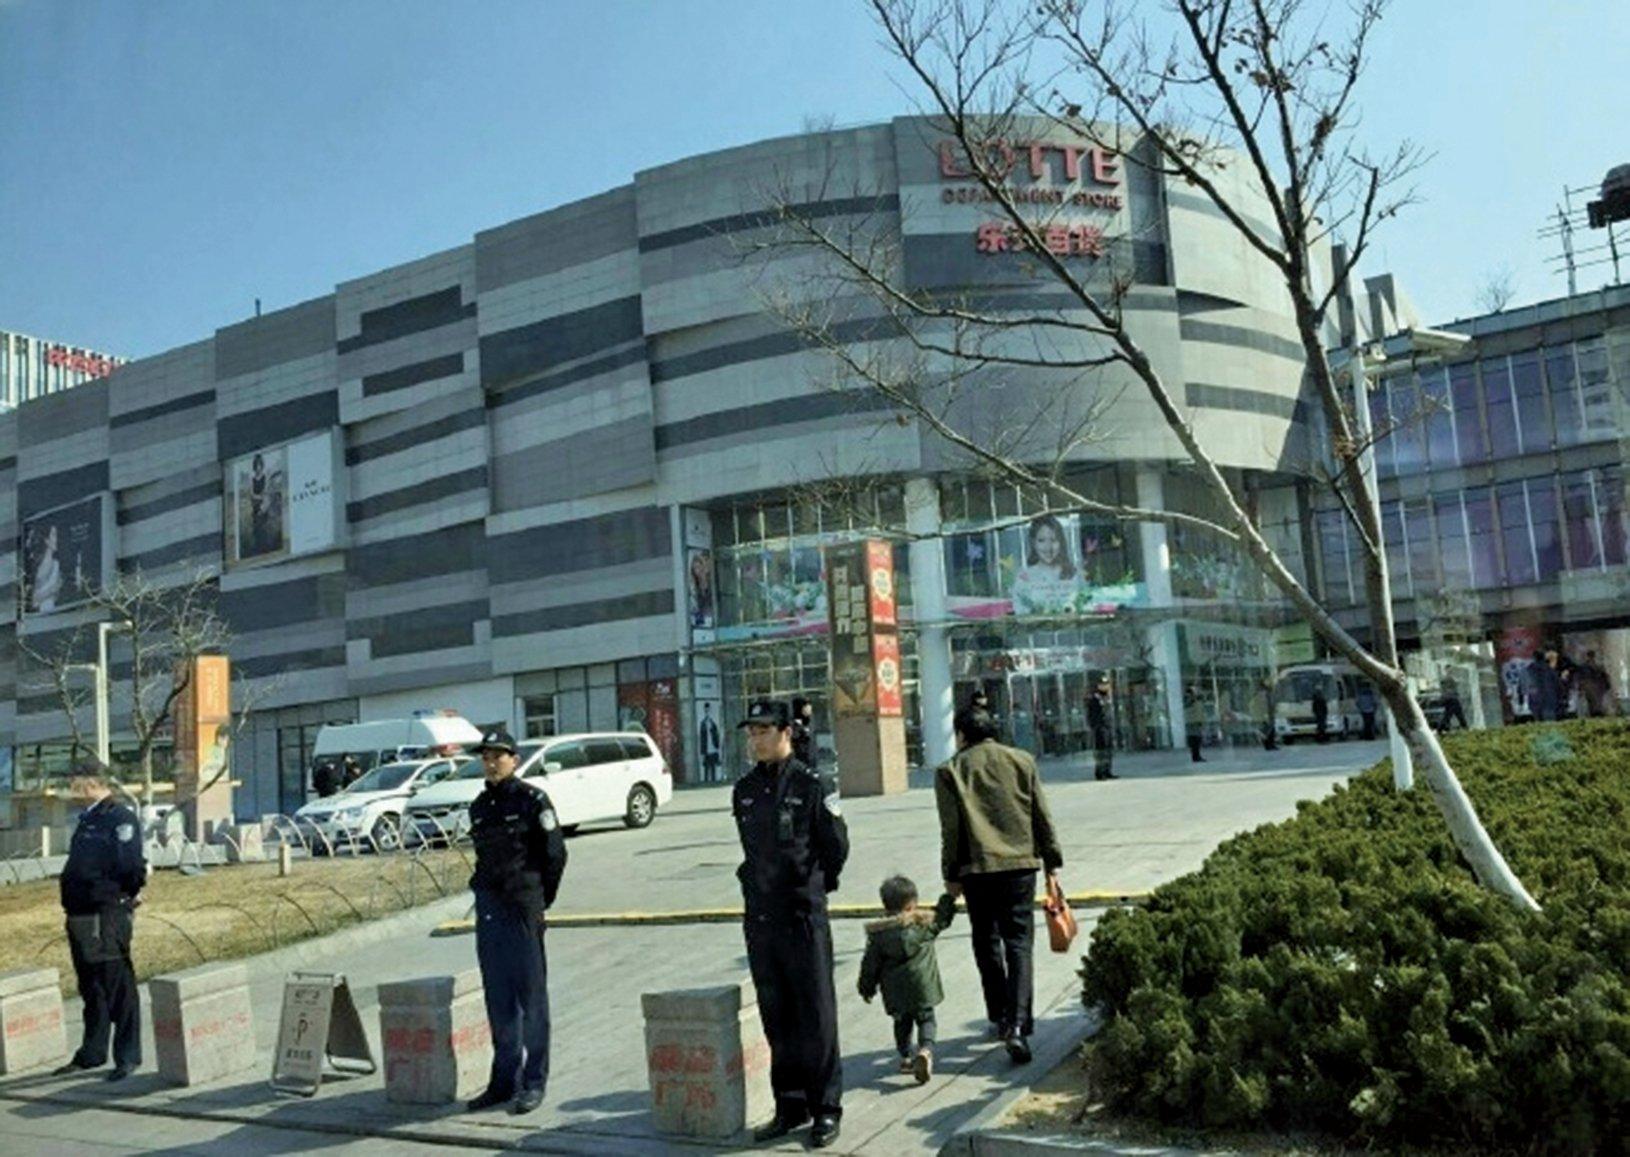 據網上多個影片顯示,多個城市的警方已開始壓制涉韓的示威活動,也有警察在樂天超市附近站崗守衛。(網絡圖片)